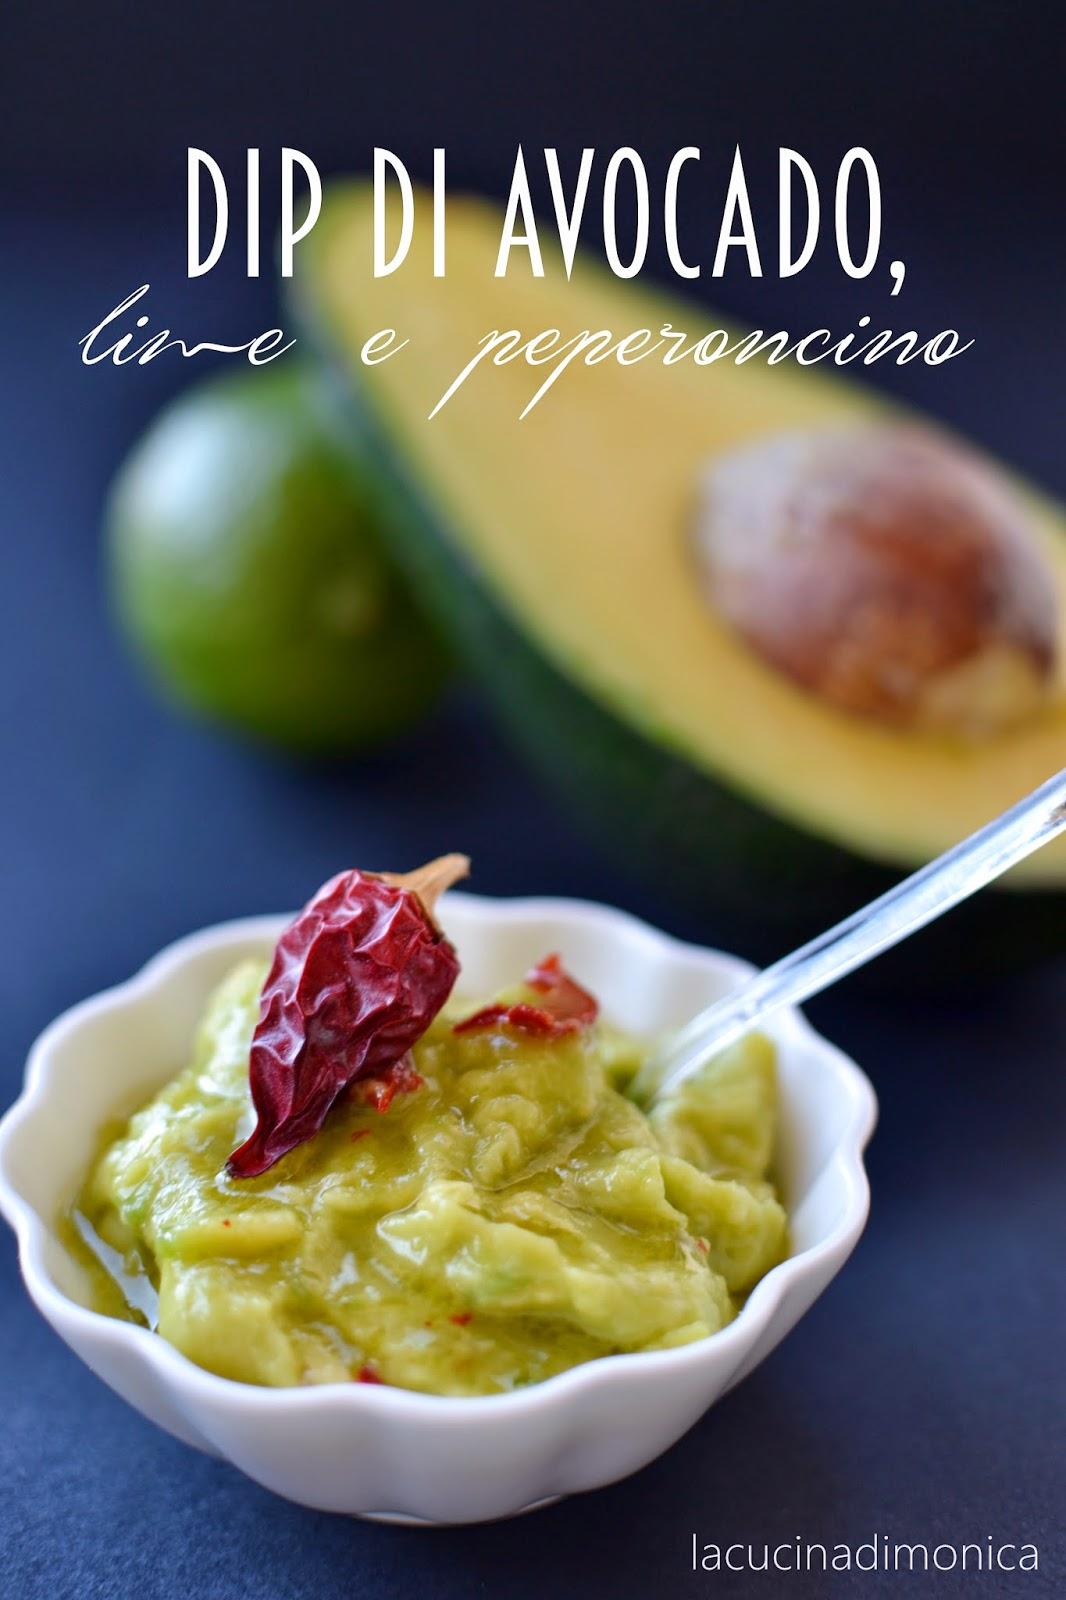 dip di avocado,lime e peperoncino